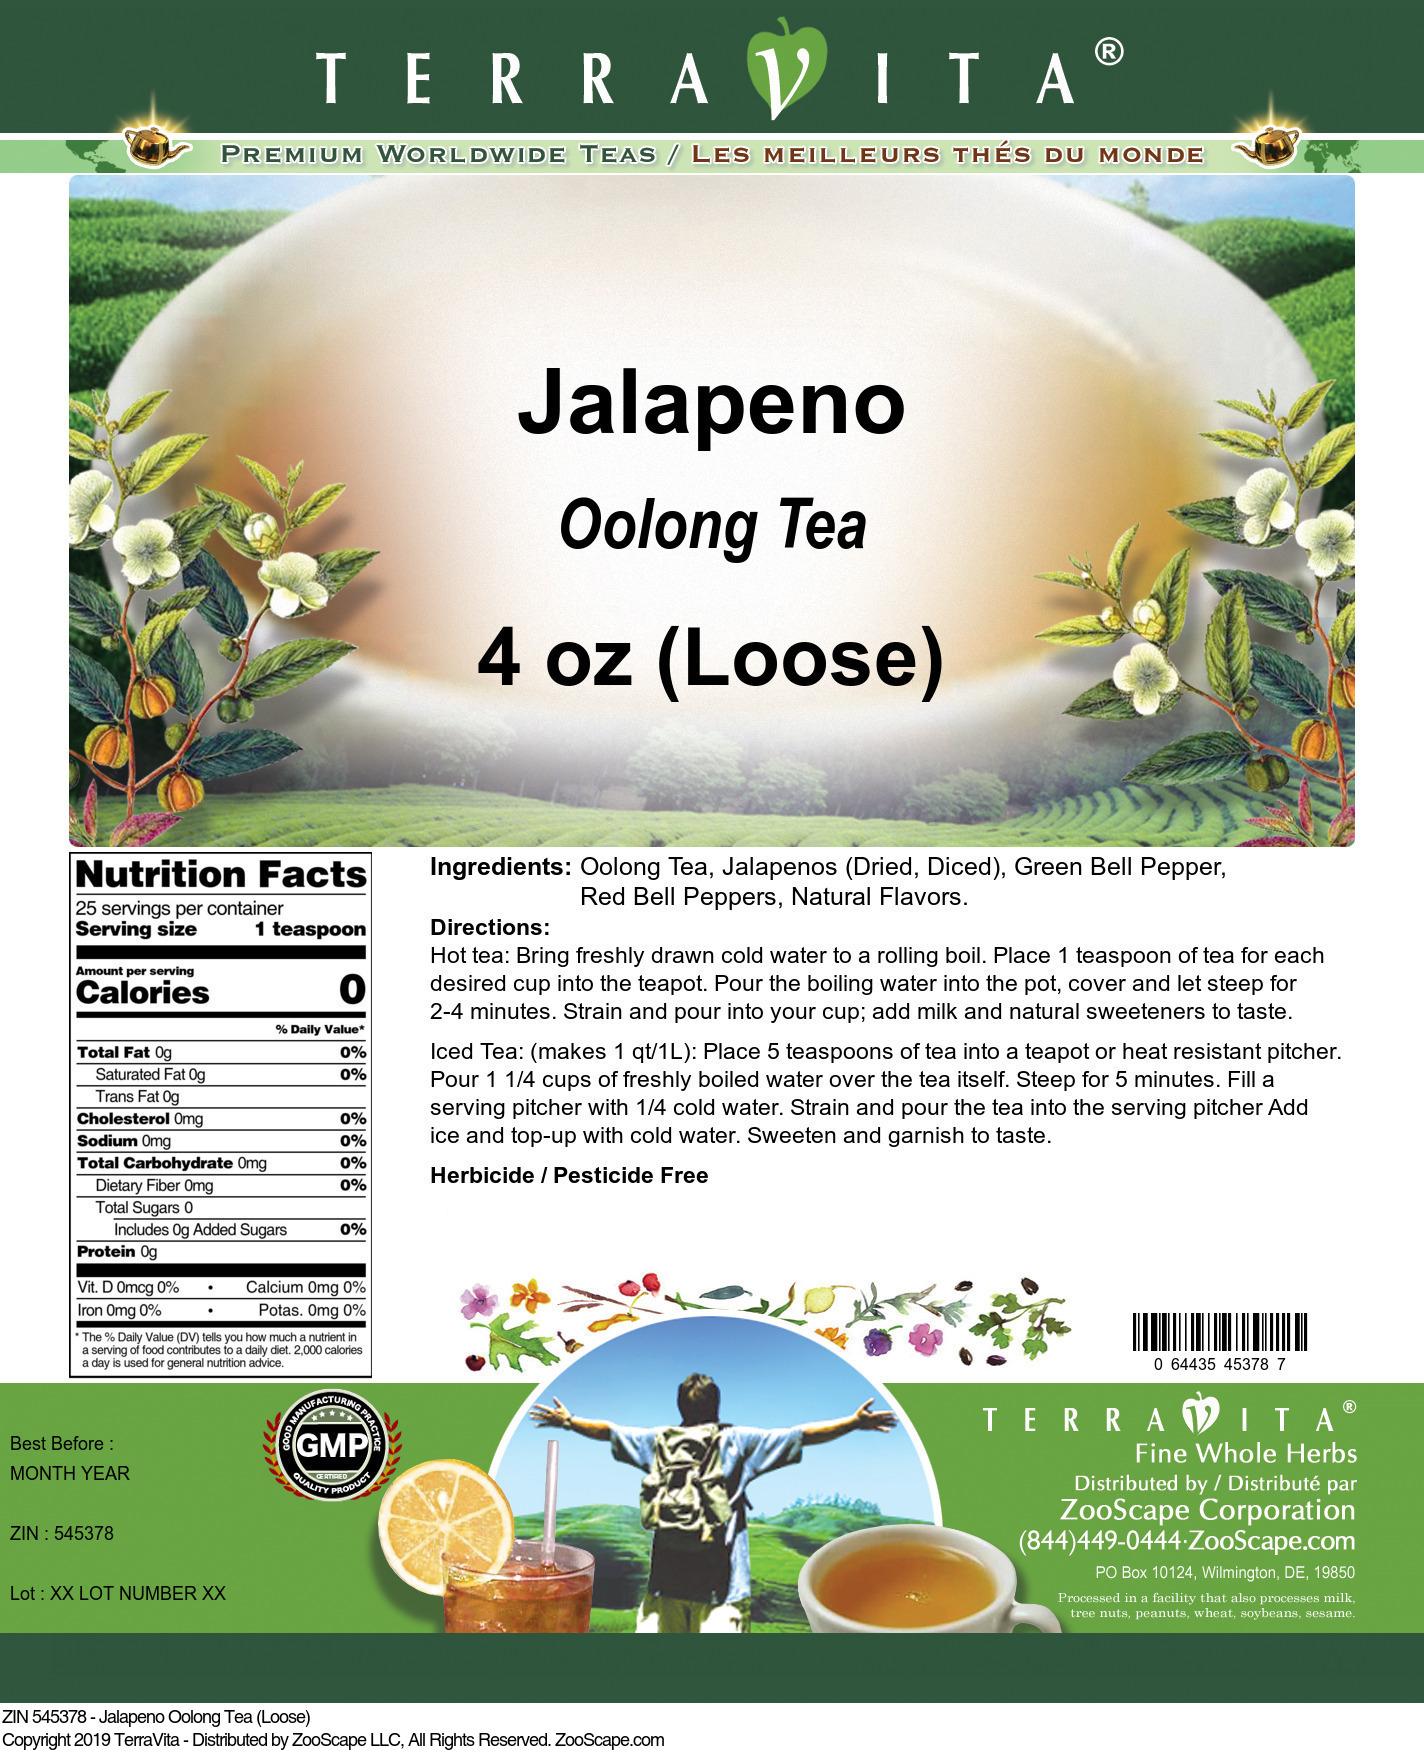 Jalapeno Oolong Tea (Loose)